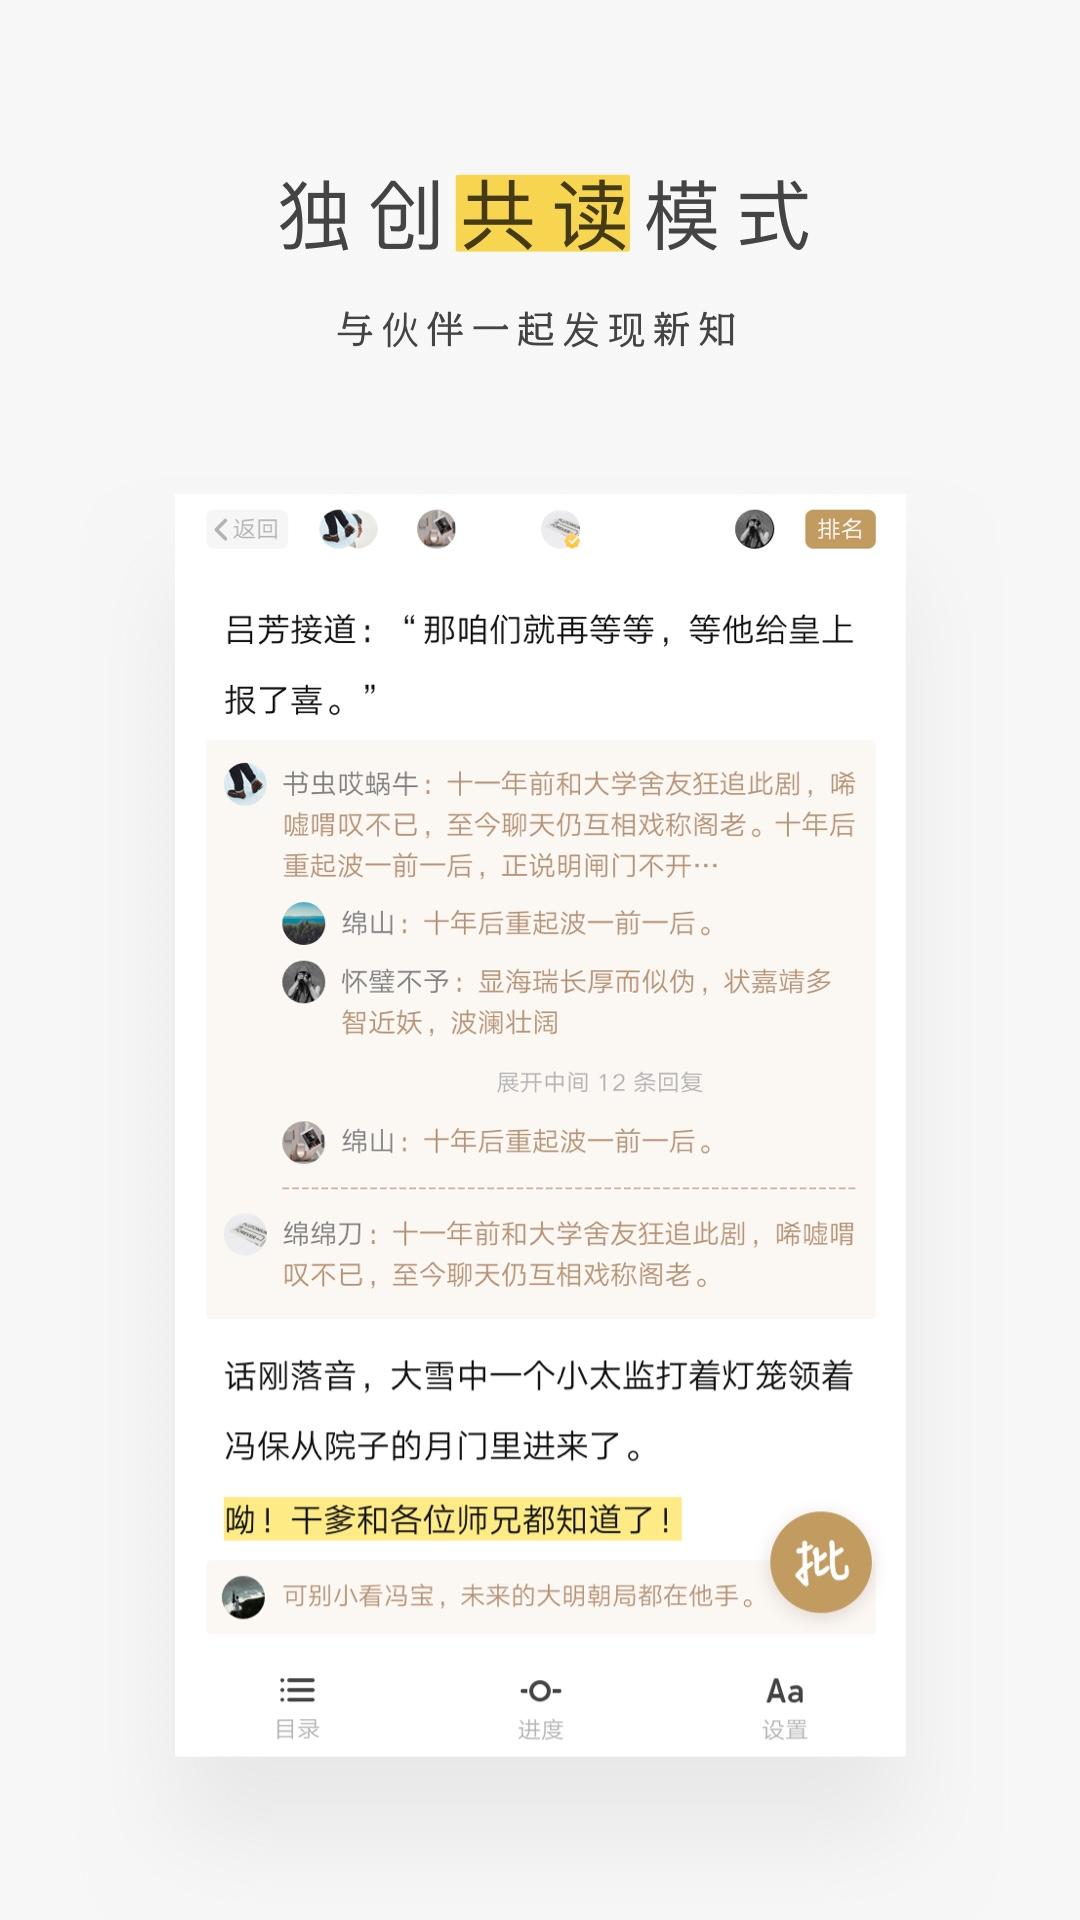 网易蜗牛读书 V1.9.3 安卓最新版截图5